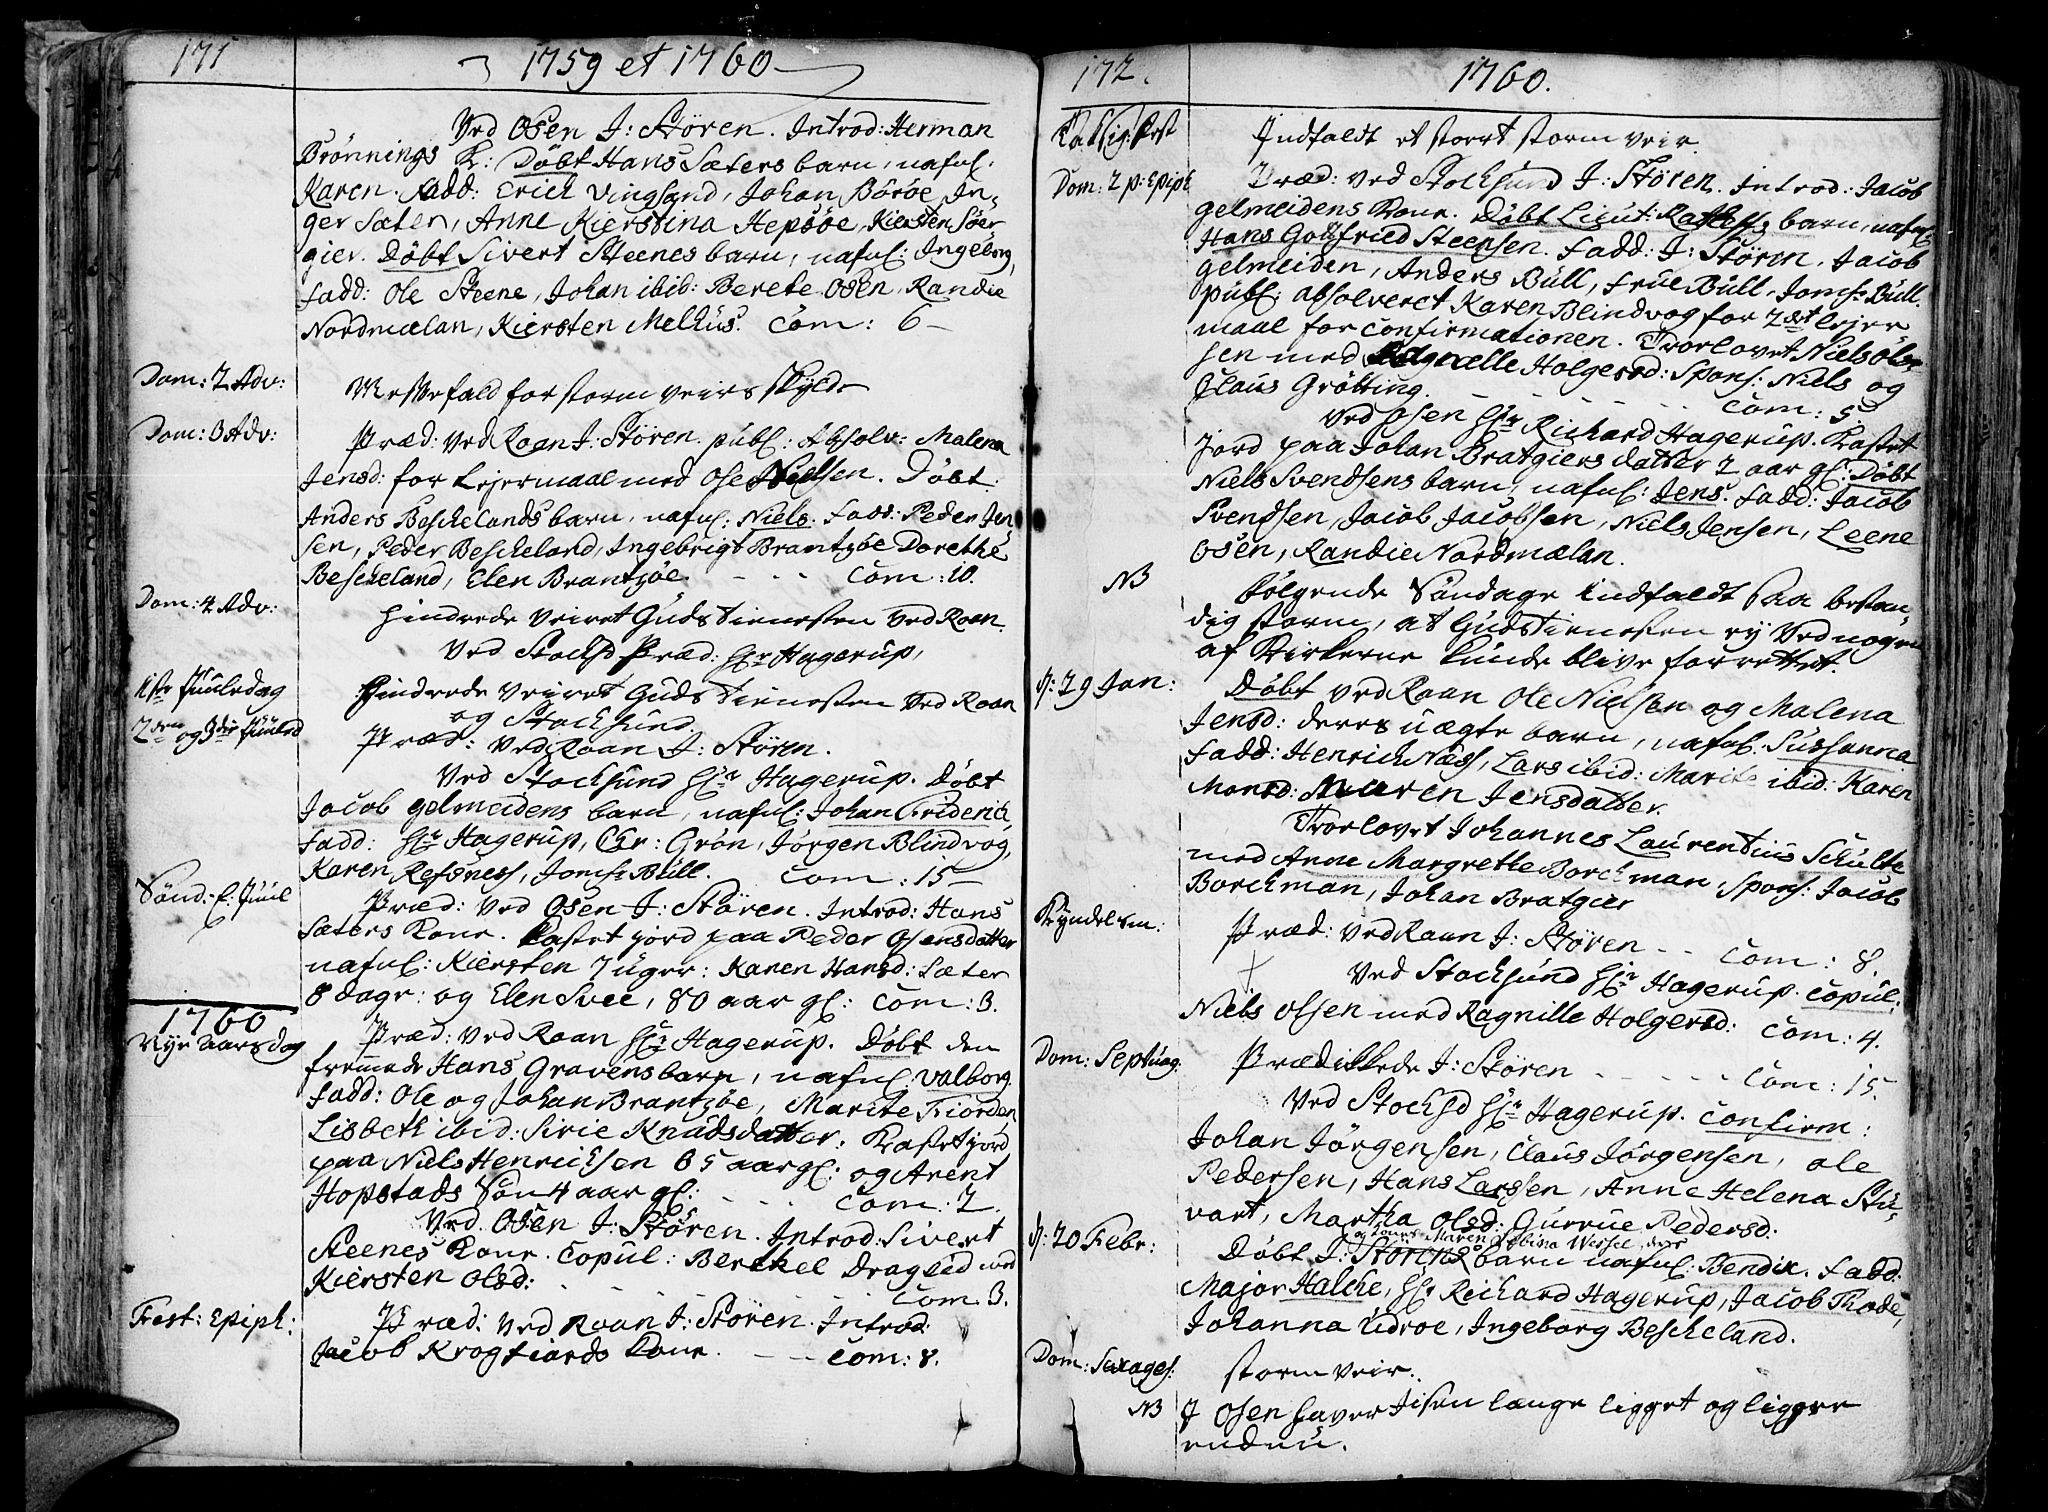 SAT, Ministerialprotokoller, klokkerbøker og fødselsregistre - Sør-Trøndelag, 657/L0700: Ministerialbok nr. 657A01, 1732-1801, s. 171-172